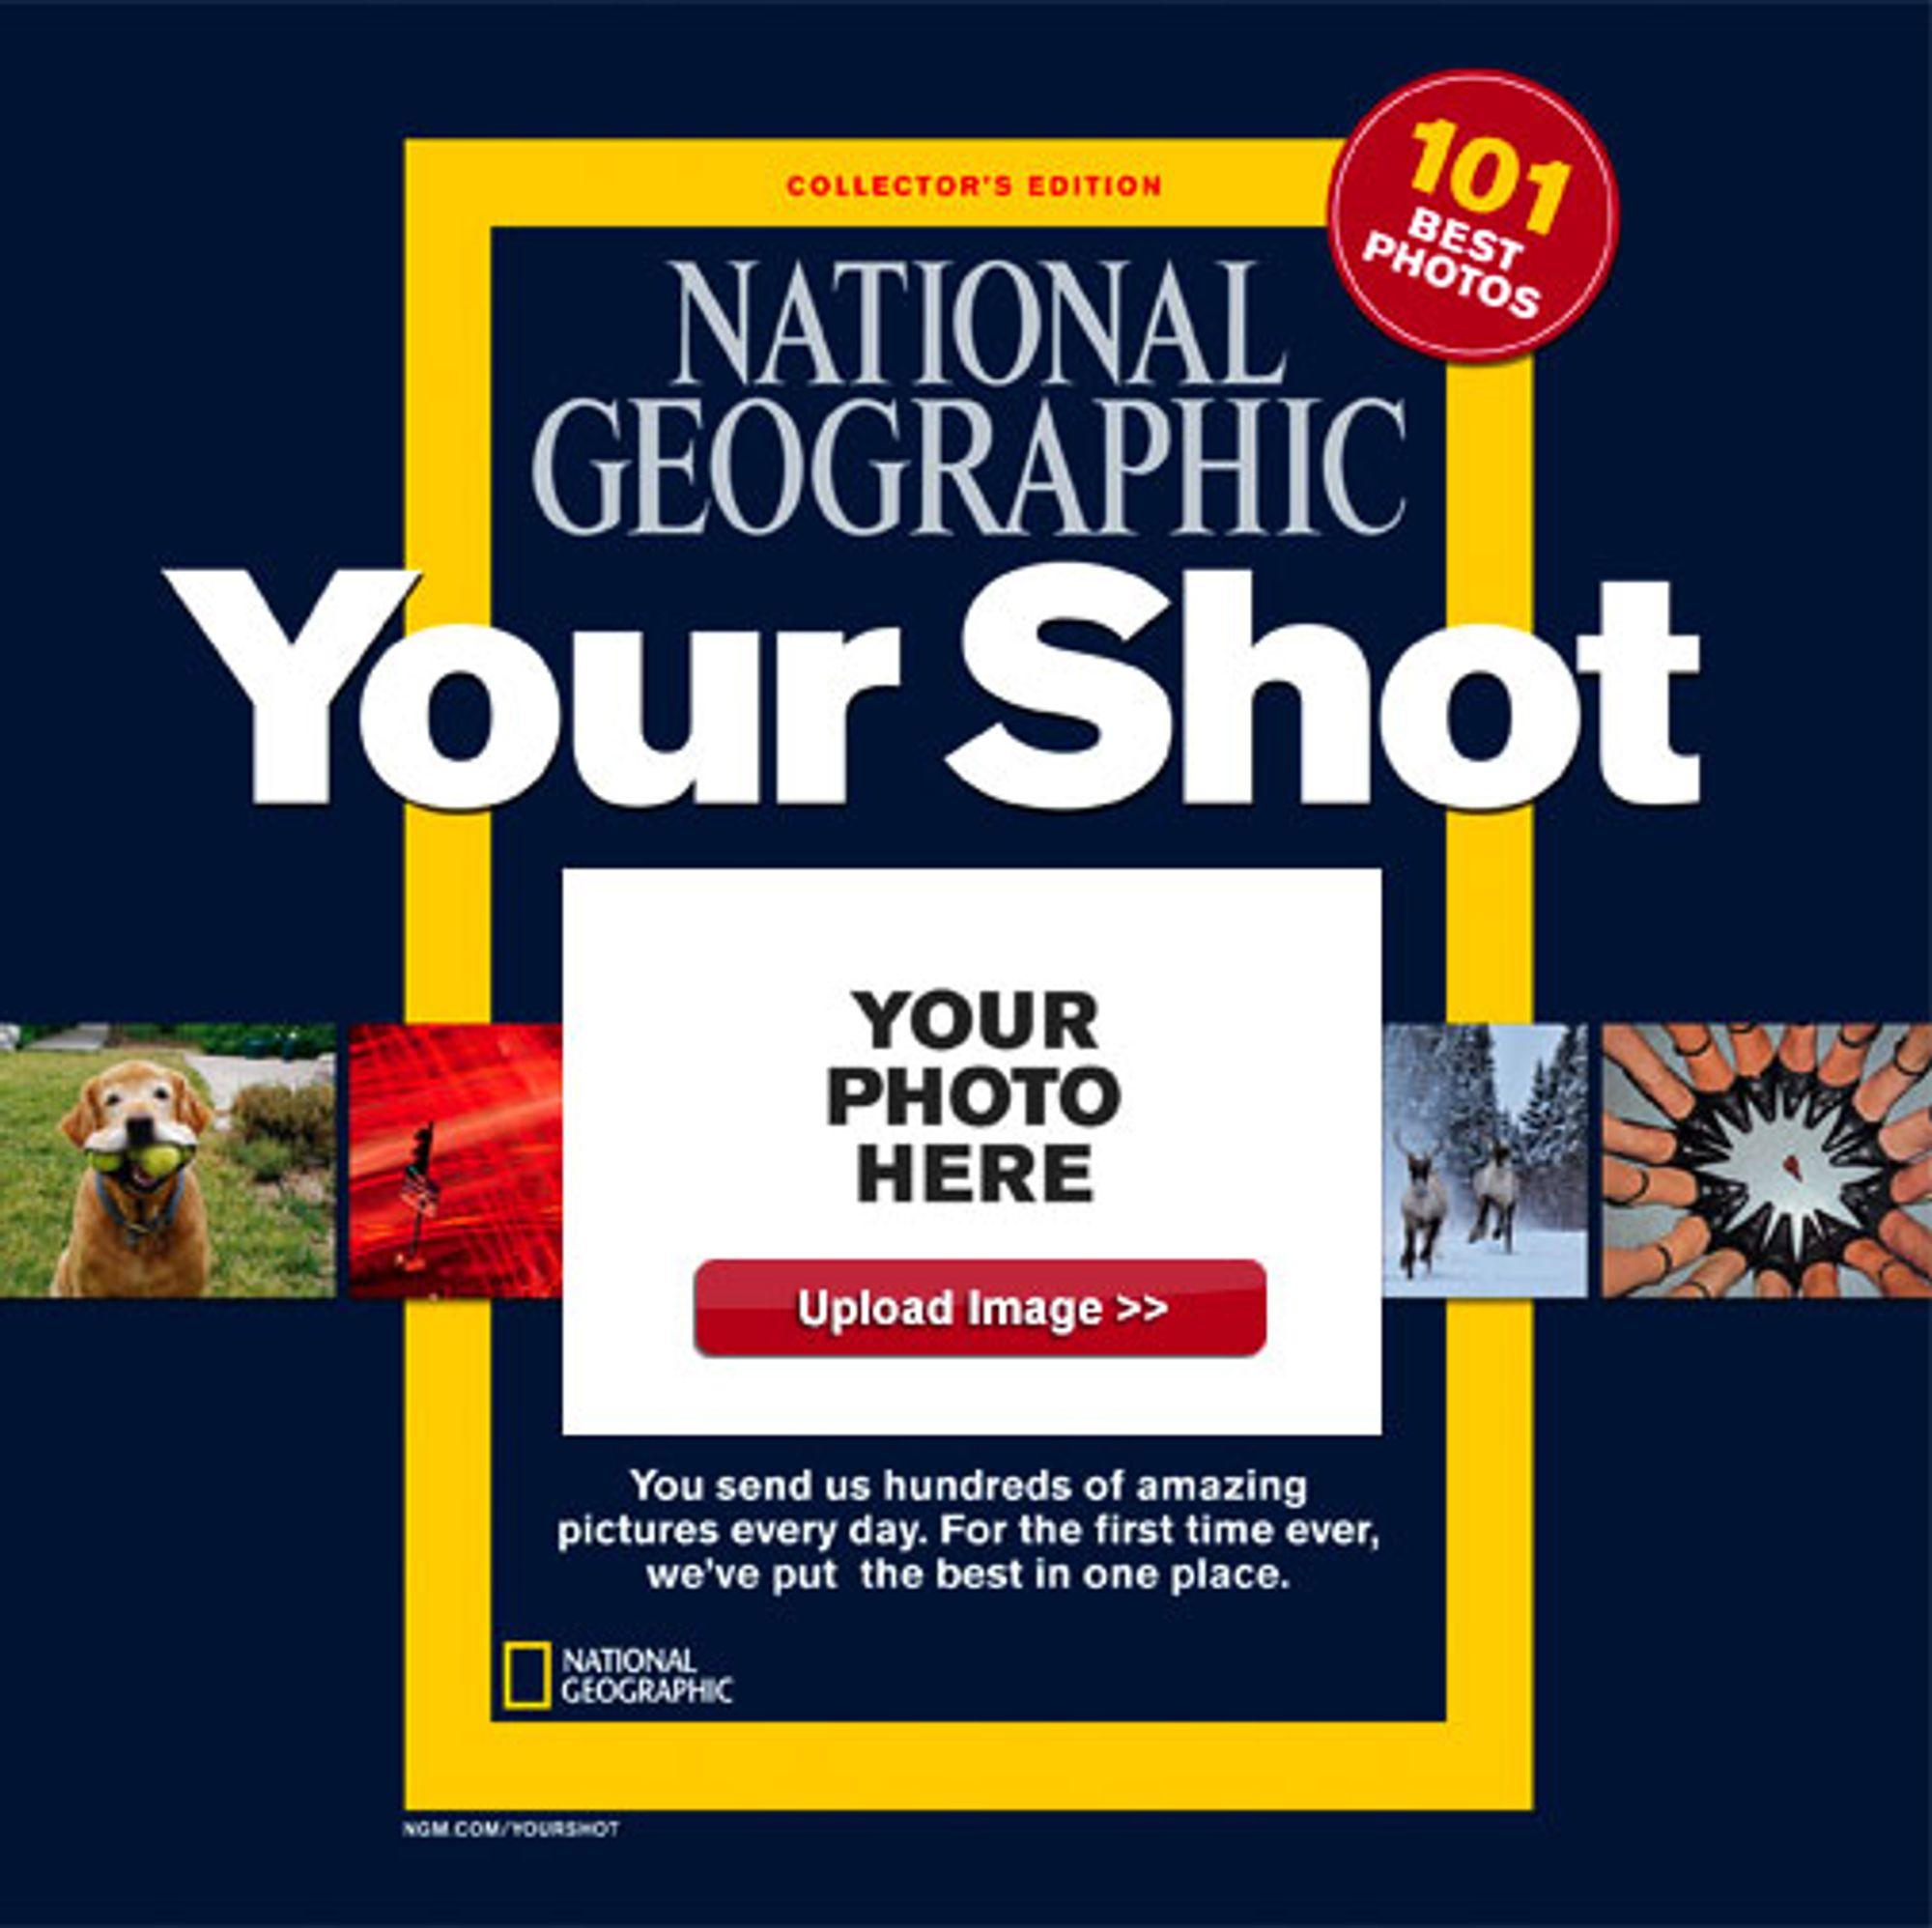 Ditt bilde på forsiden av National Geographic.